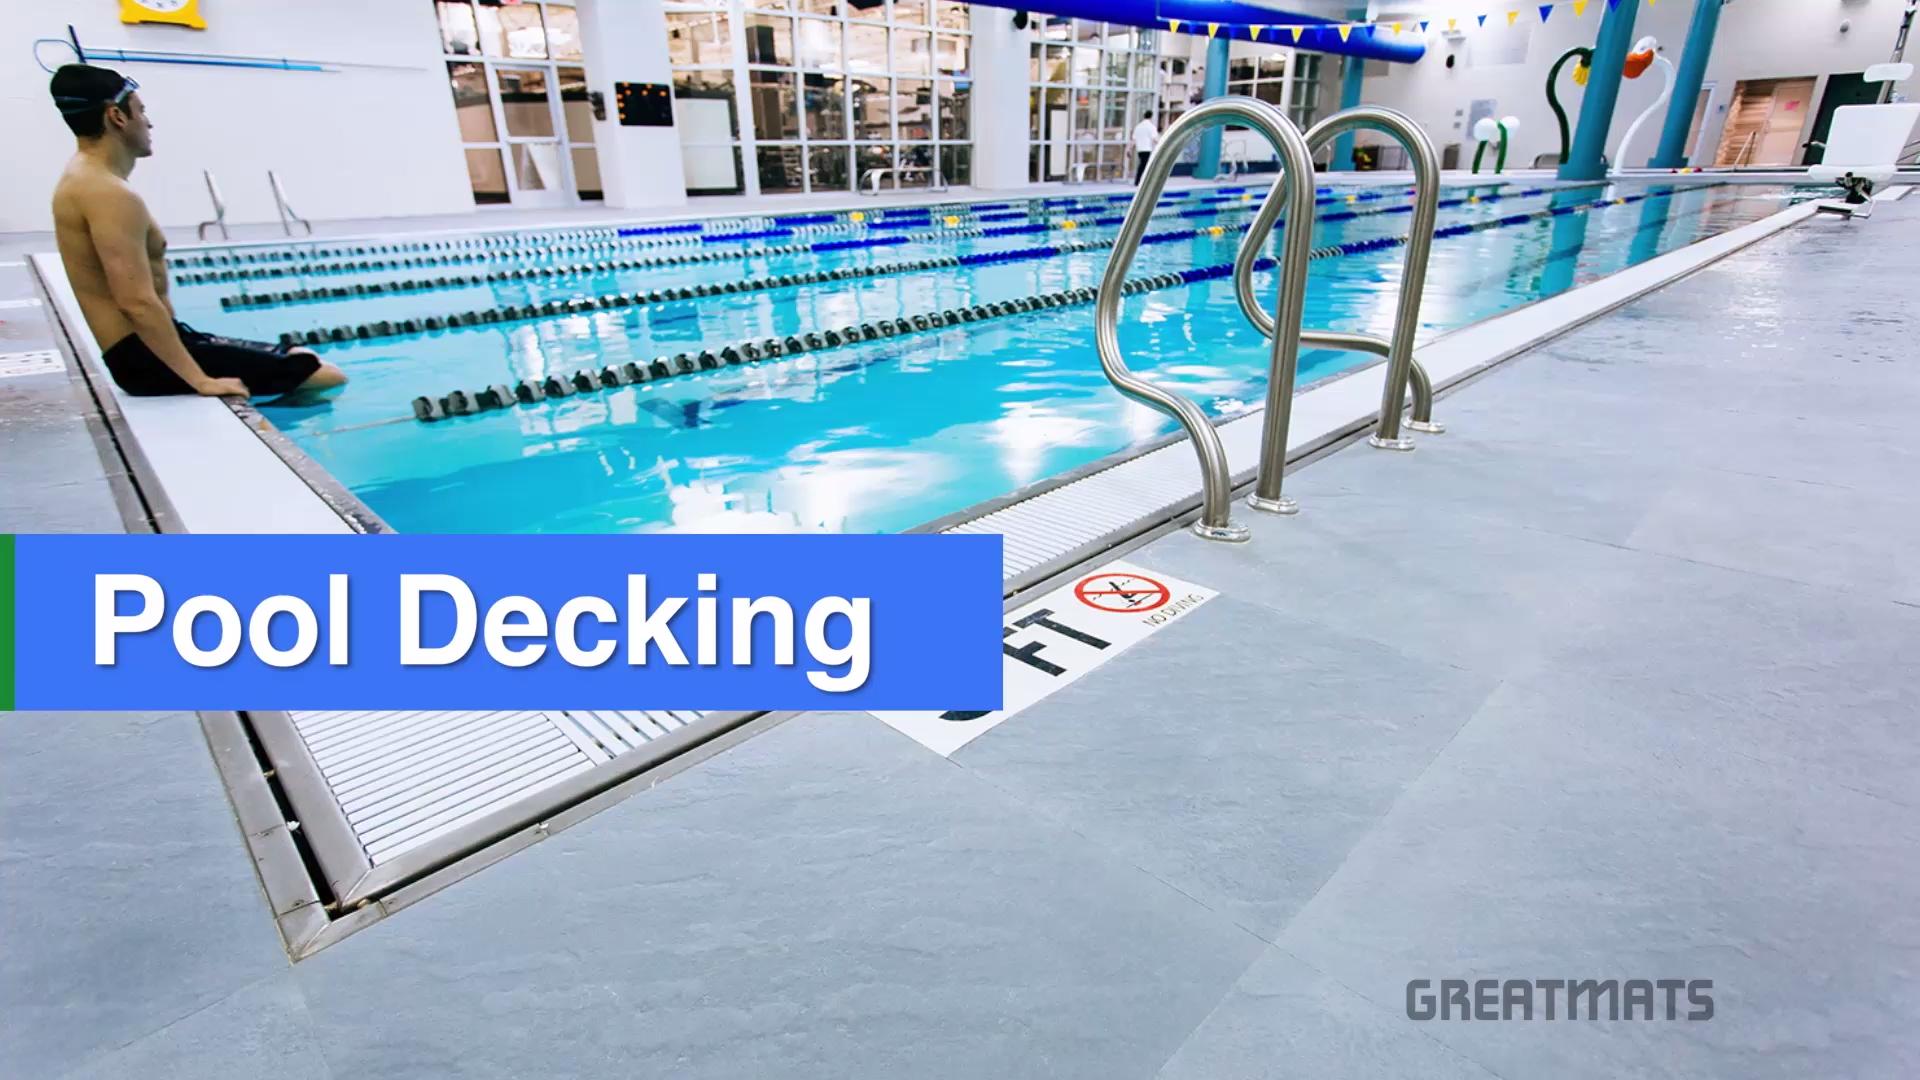 Pool Decking Video Pool Deck Pool Deck Tile Pool Decks